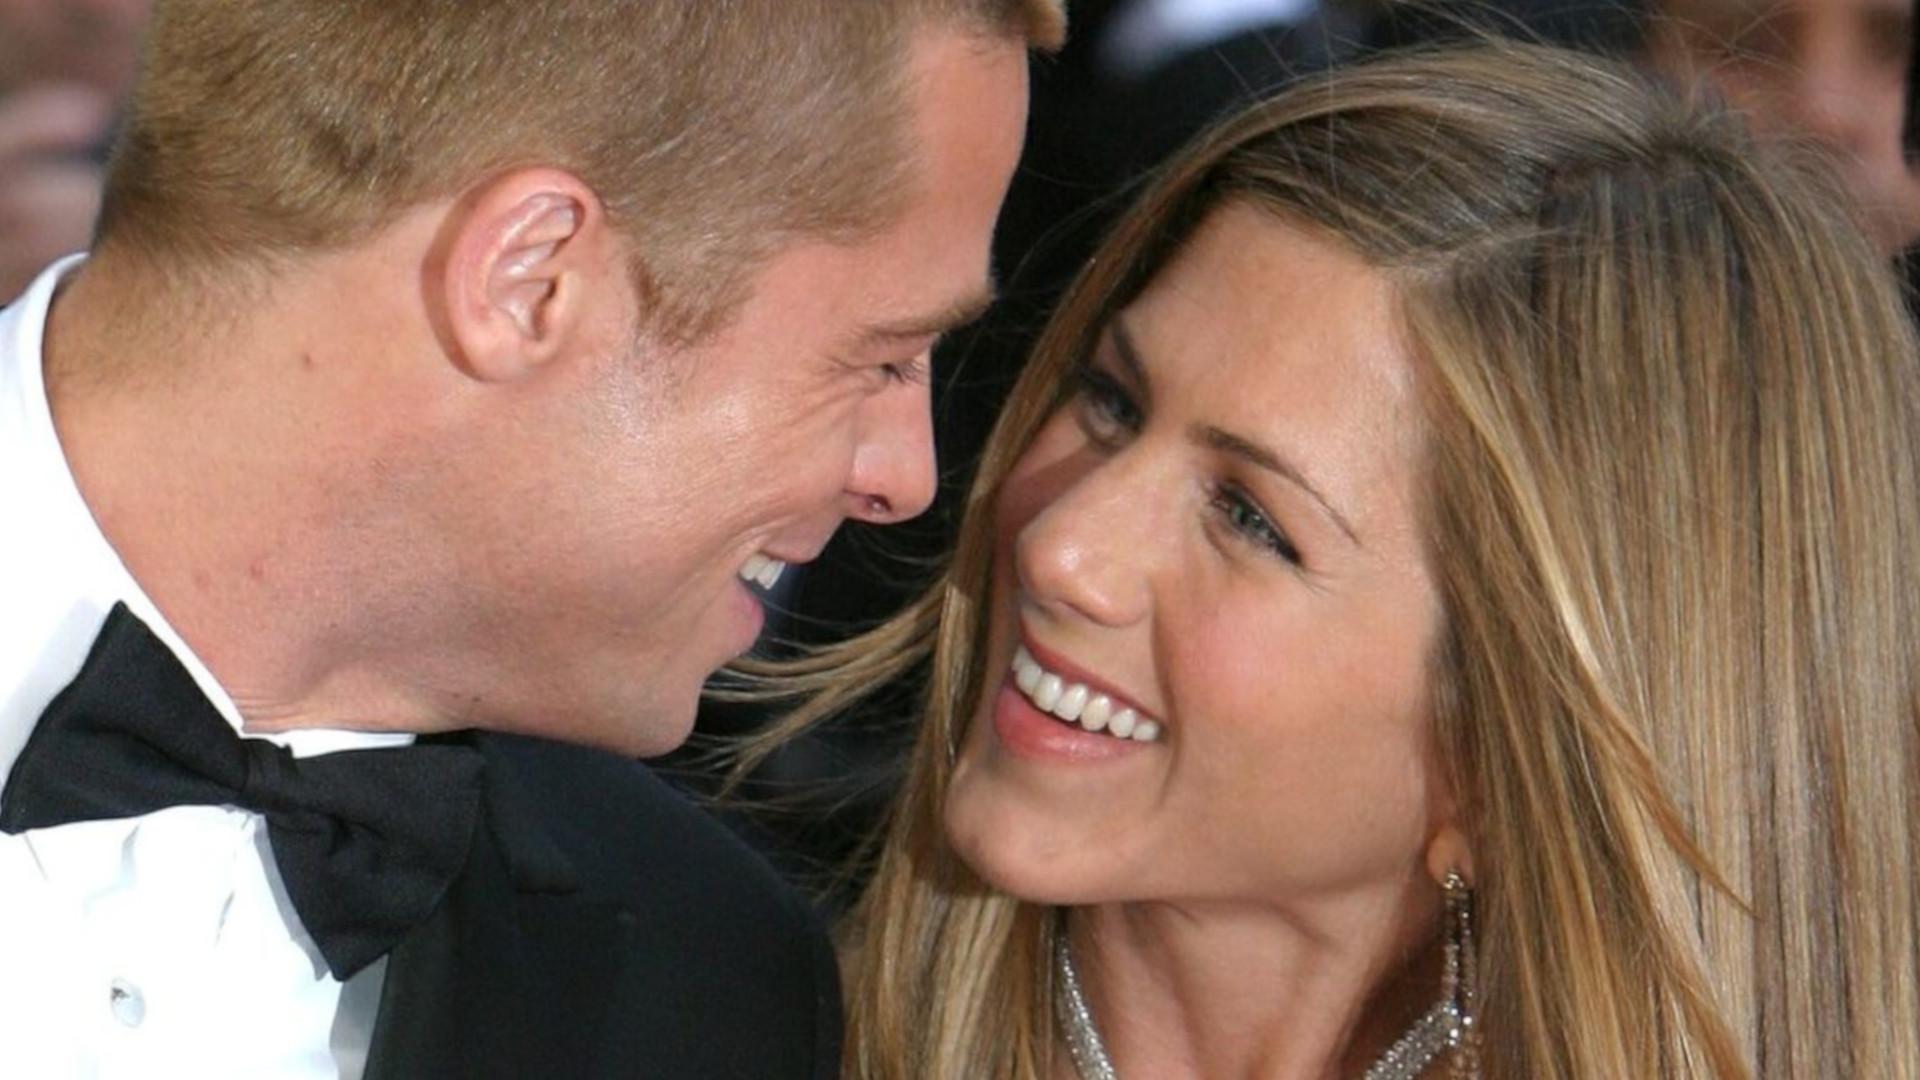 Szok! Jennifer Aniston i Brad Pitt przyłapani na pocałunkach. Byli już na drugiej randce?